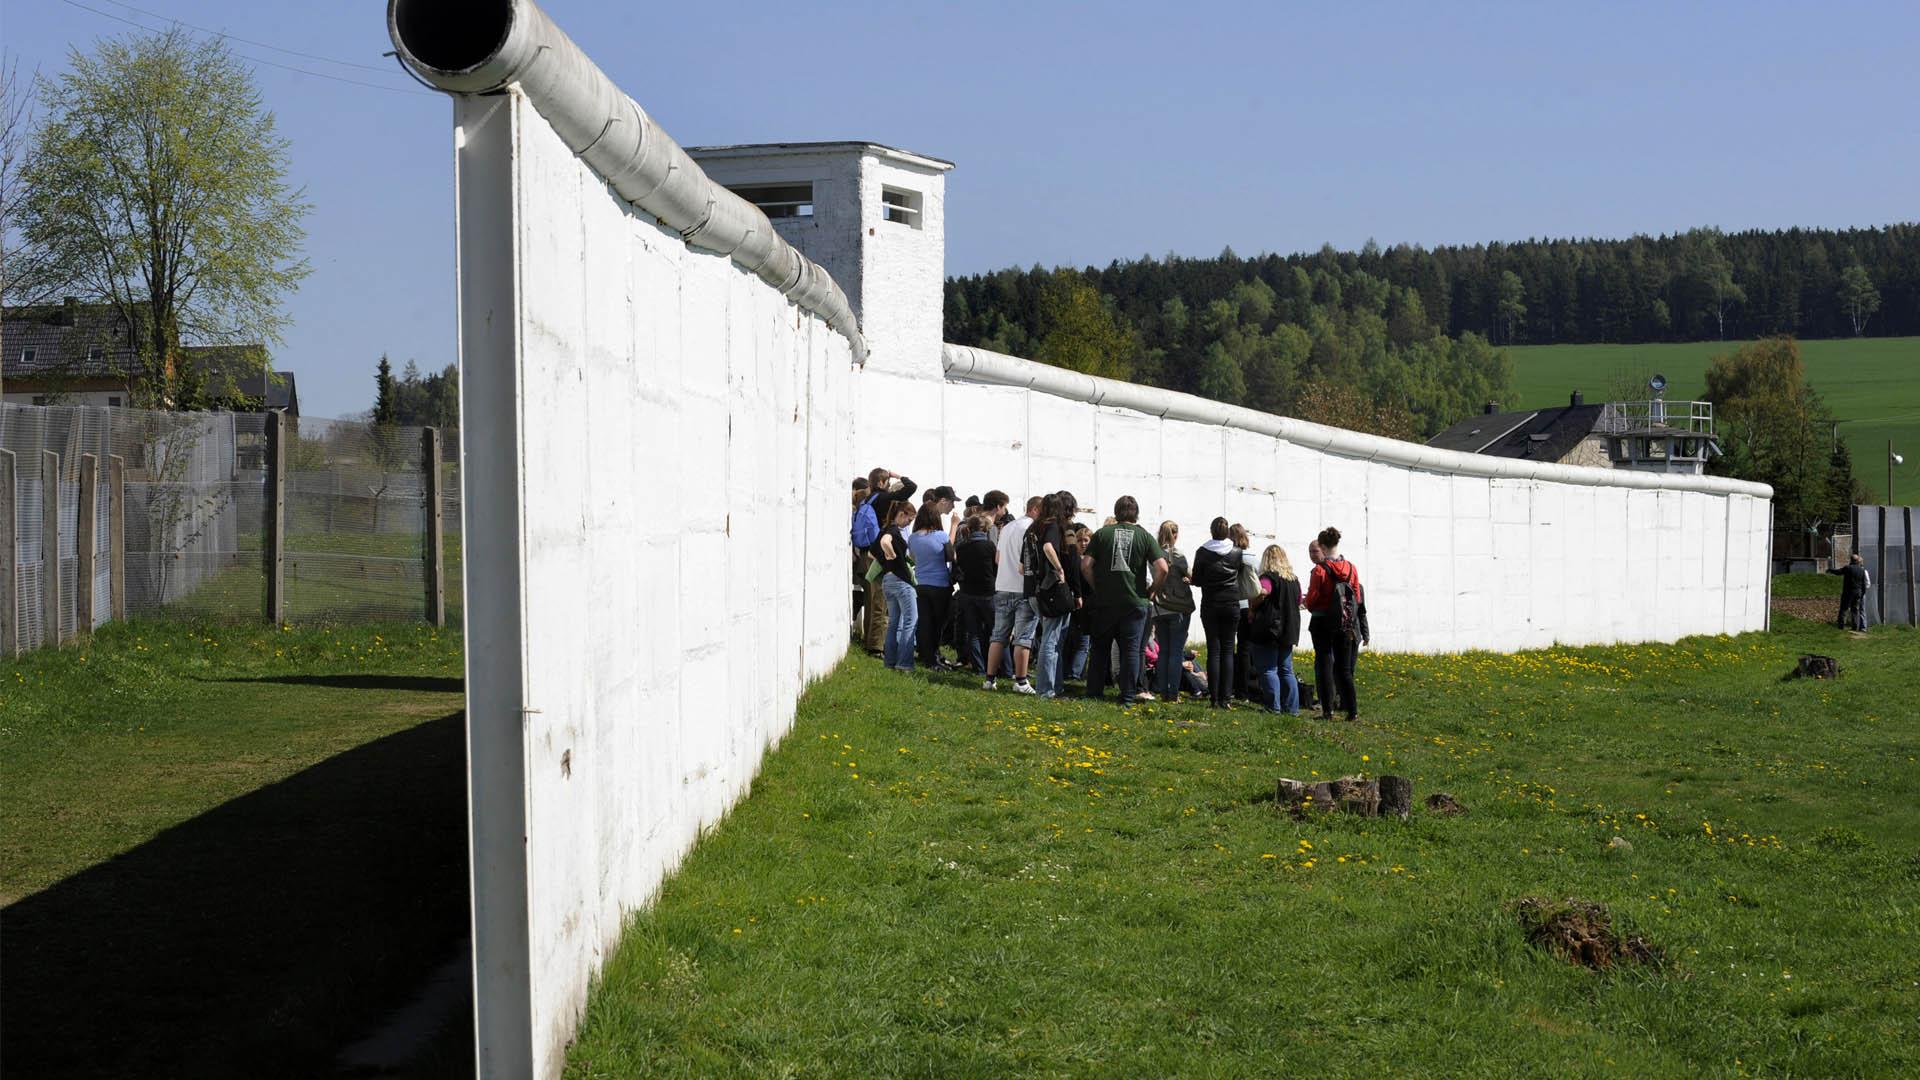 Niños visitan una estructura del muro mantenida como memoria histórica.